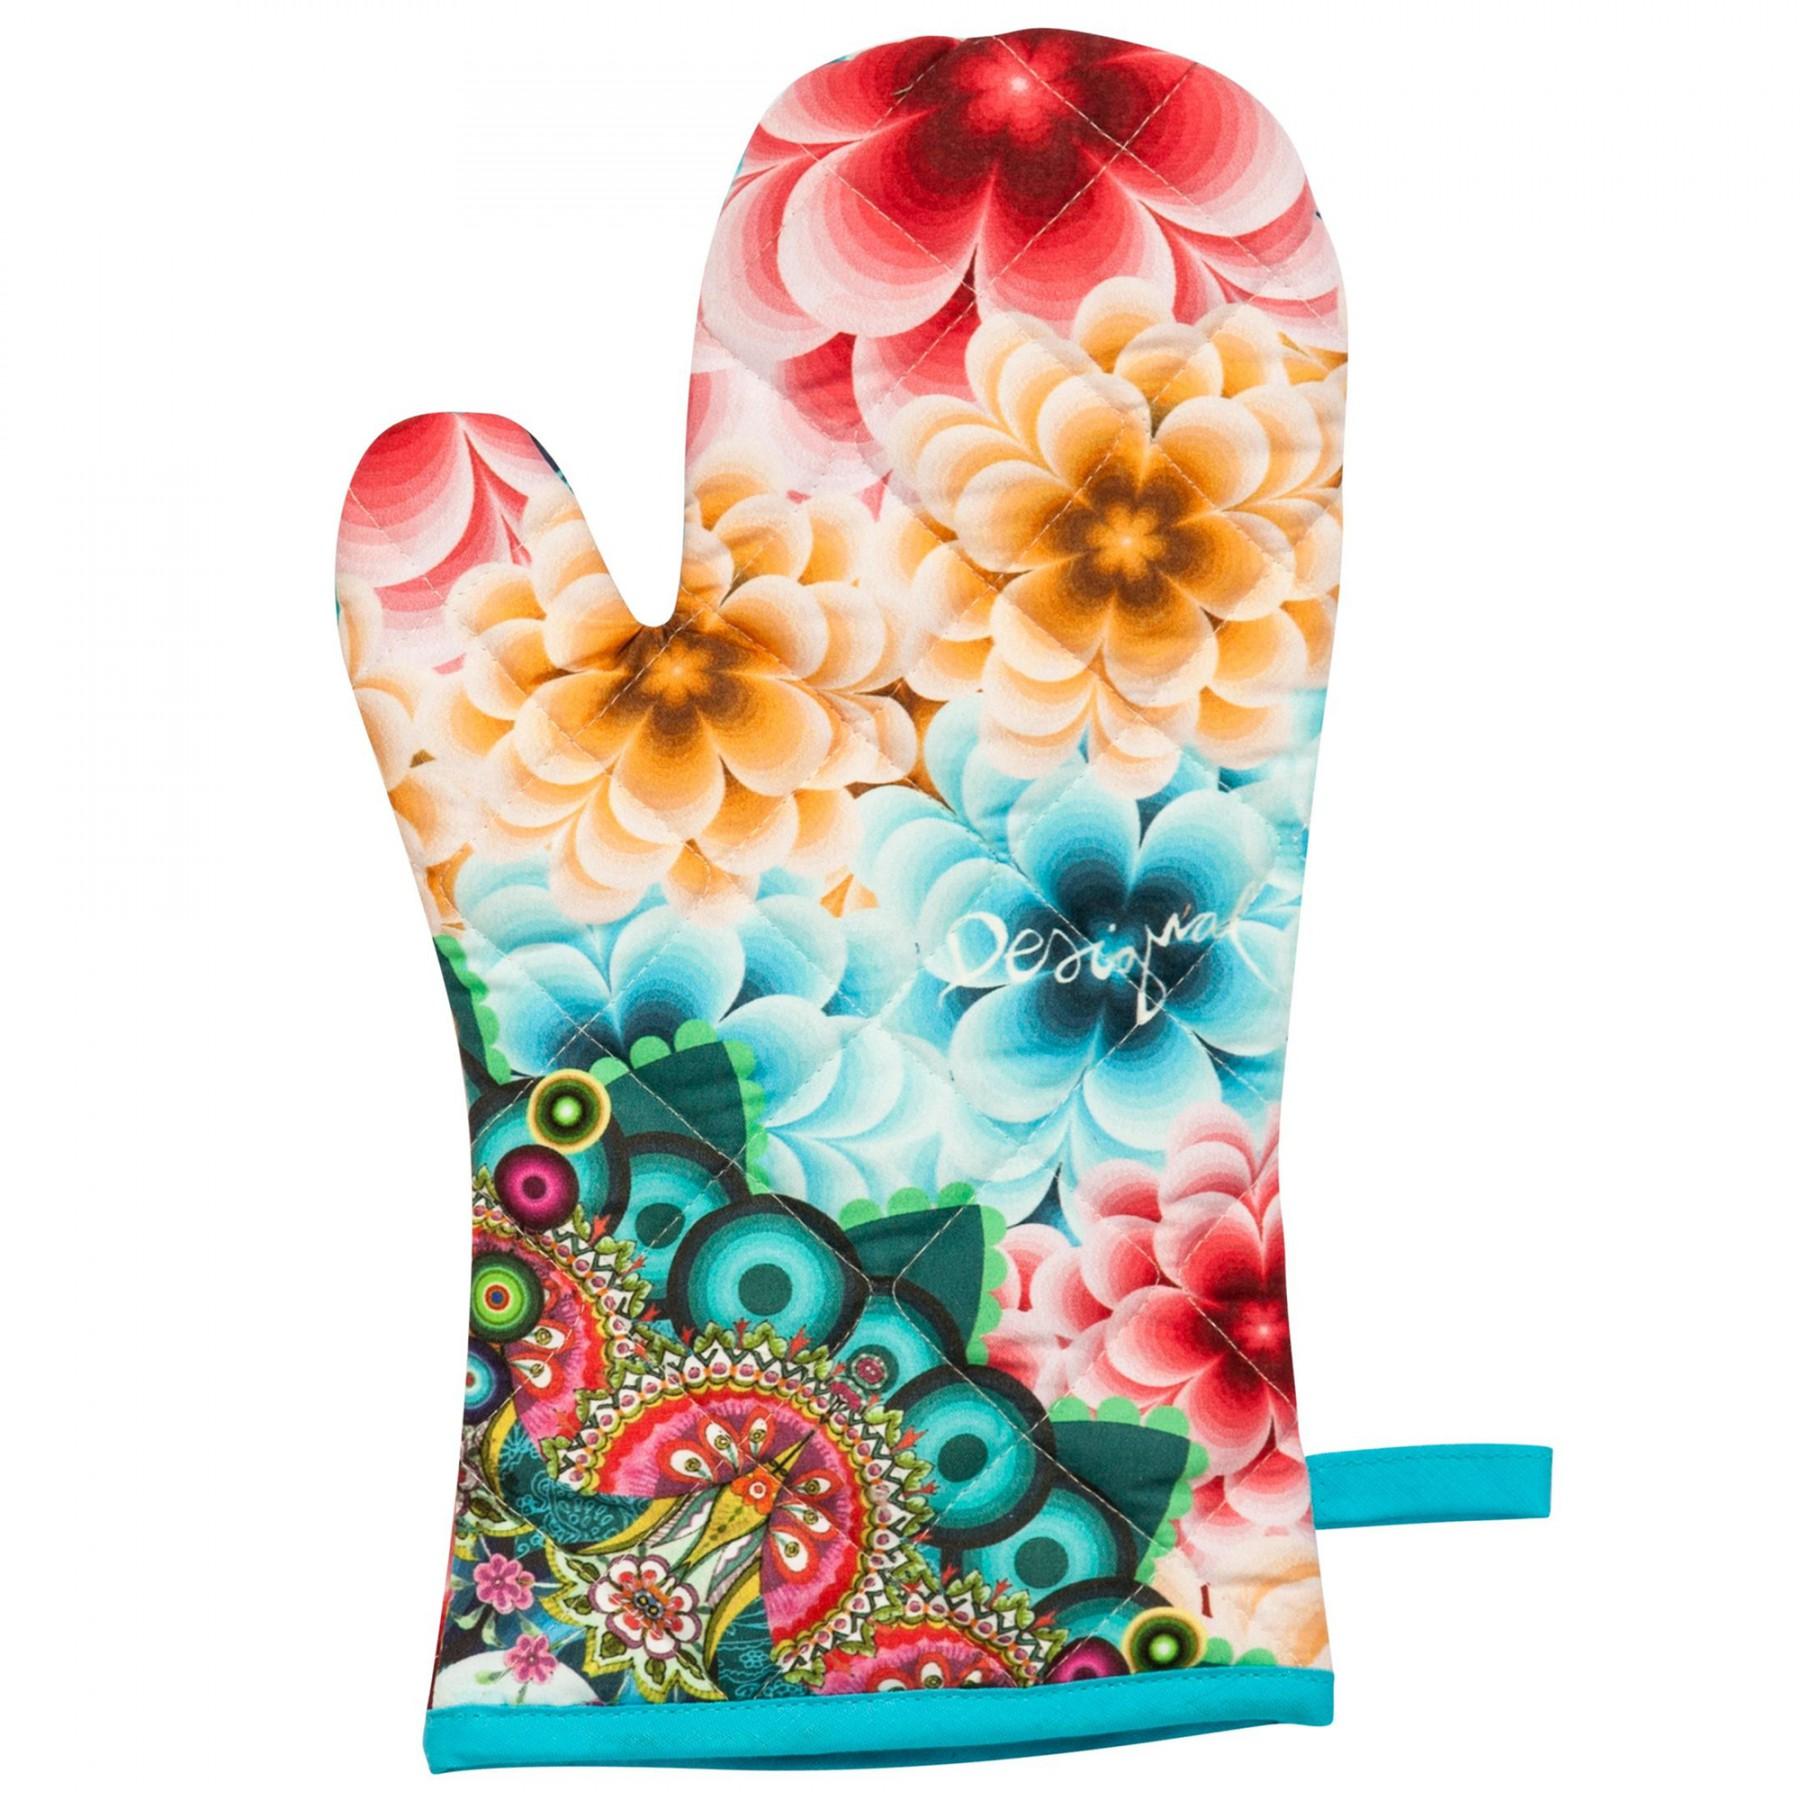 Kuchyňská rukavice chňapka Desigual v ceně do 400Kč a3d66a40e7a